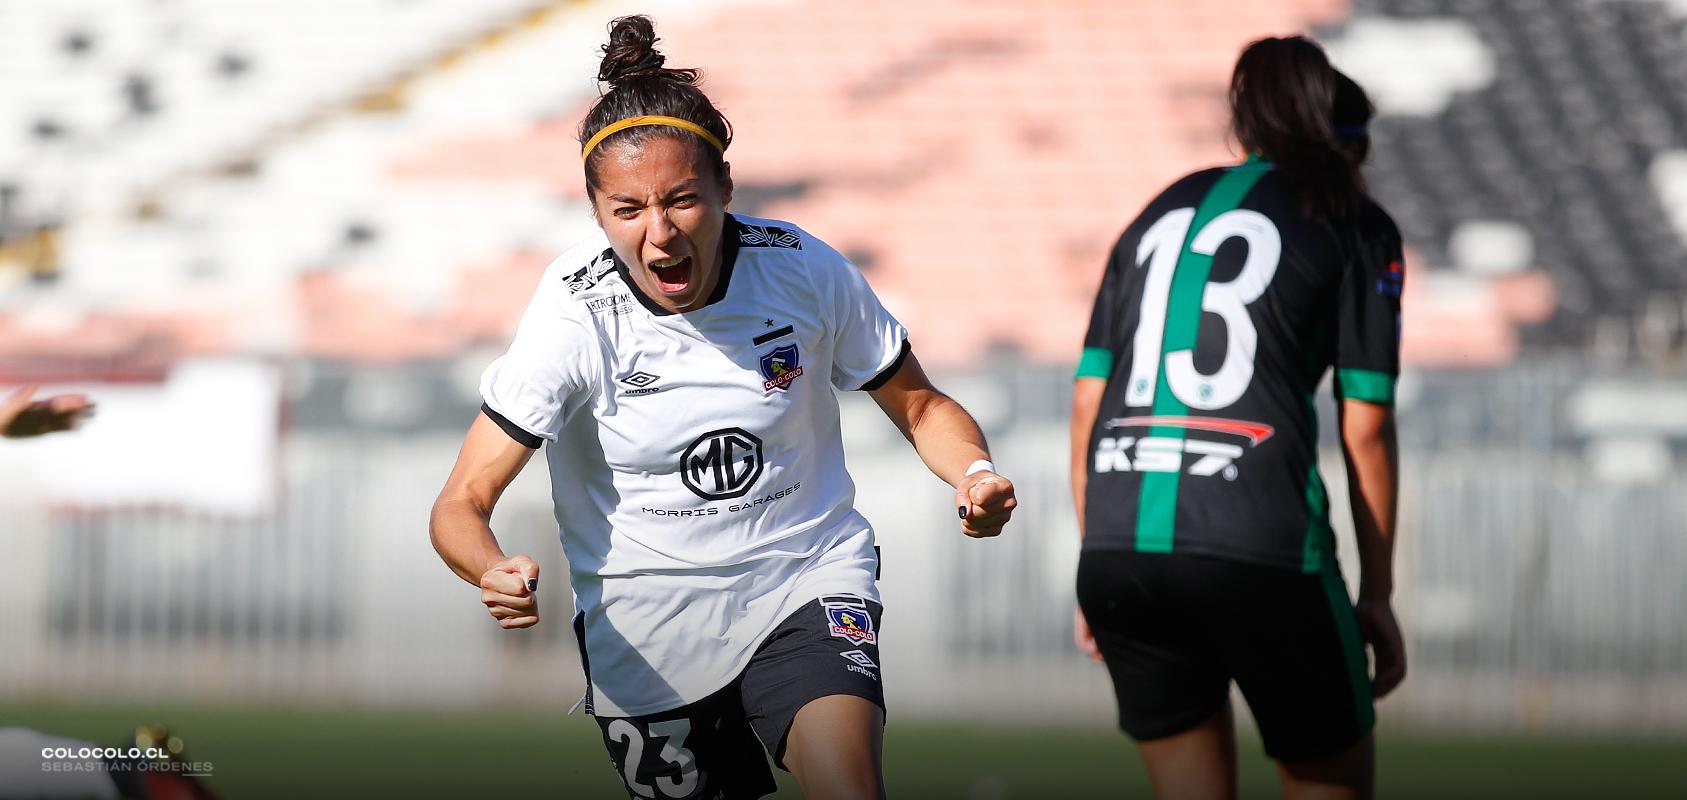 """Nicol Sanhueza: """"Siempre luché por ser futbolista, pero no pensé que lo haría en Colo-Colo"""""""